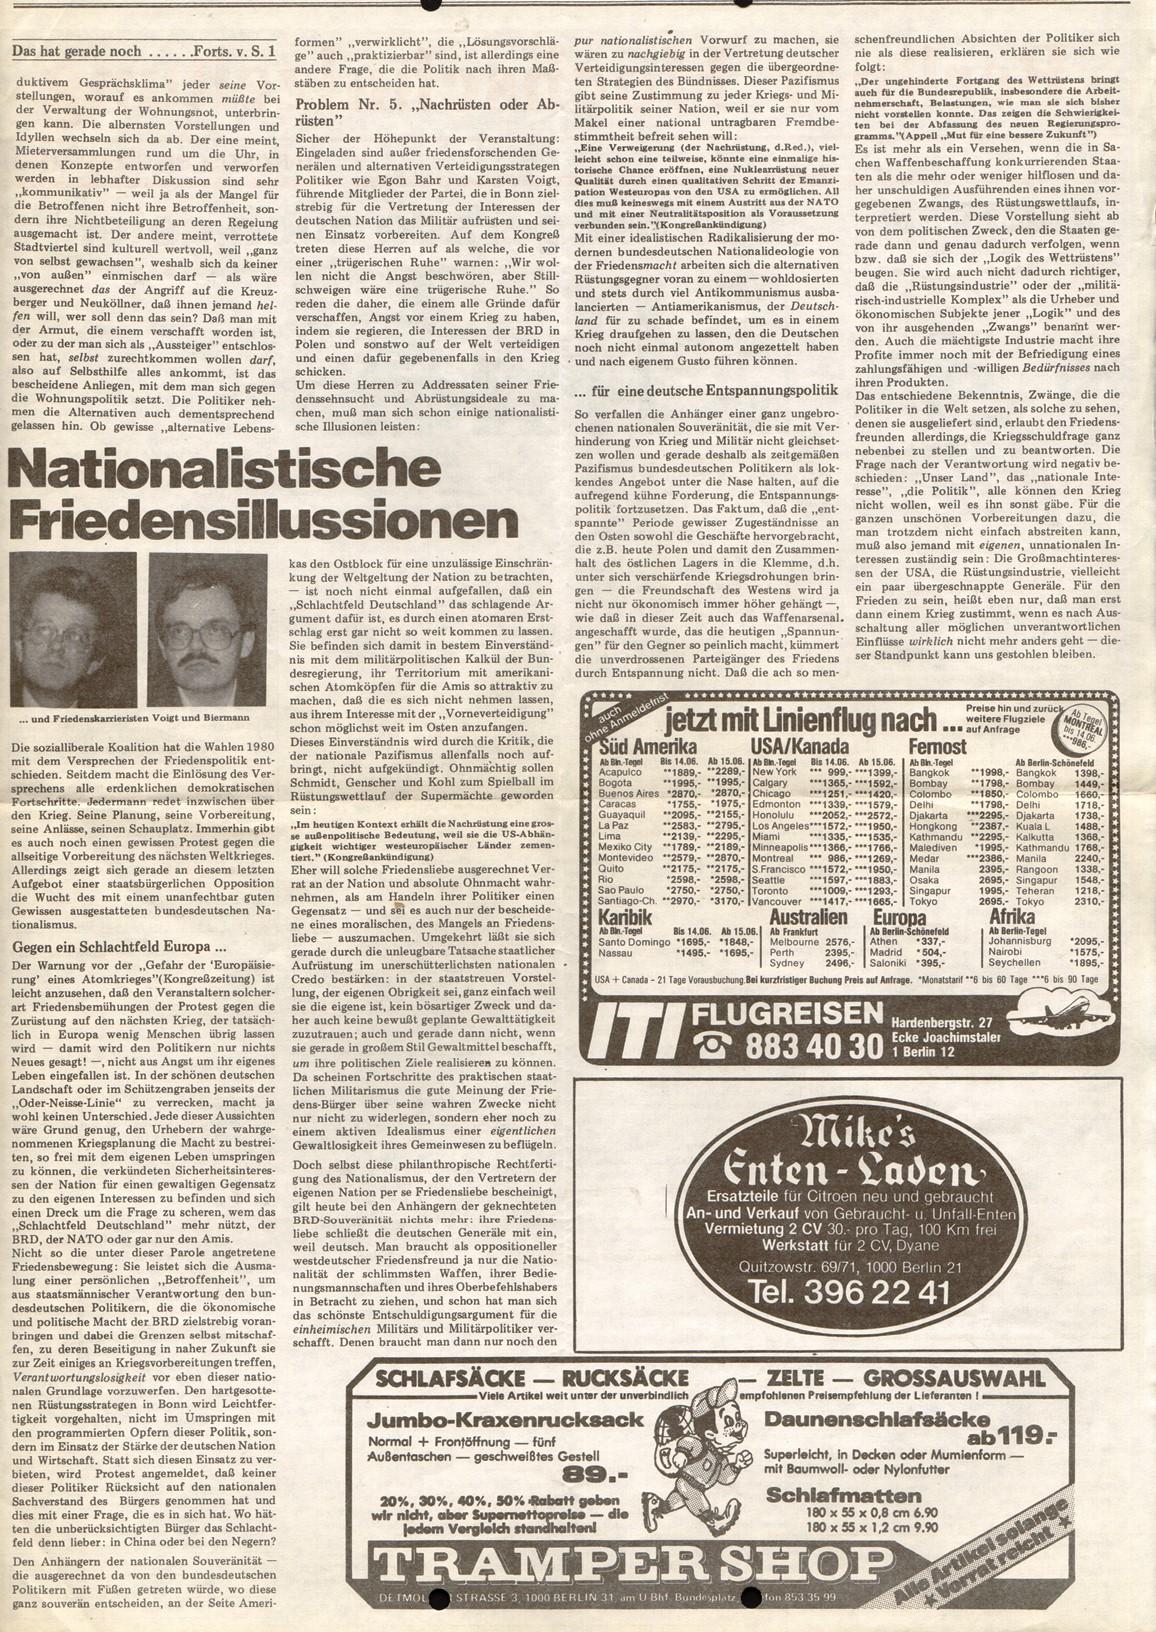 Berlin_MG_Hochschulzeitung_19810424_02